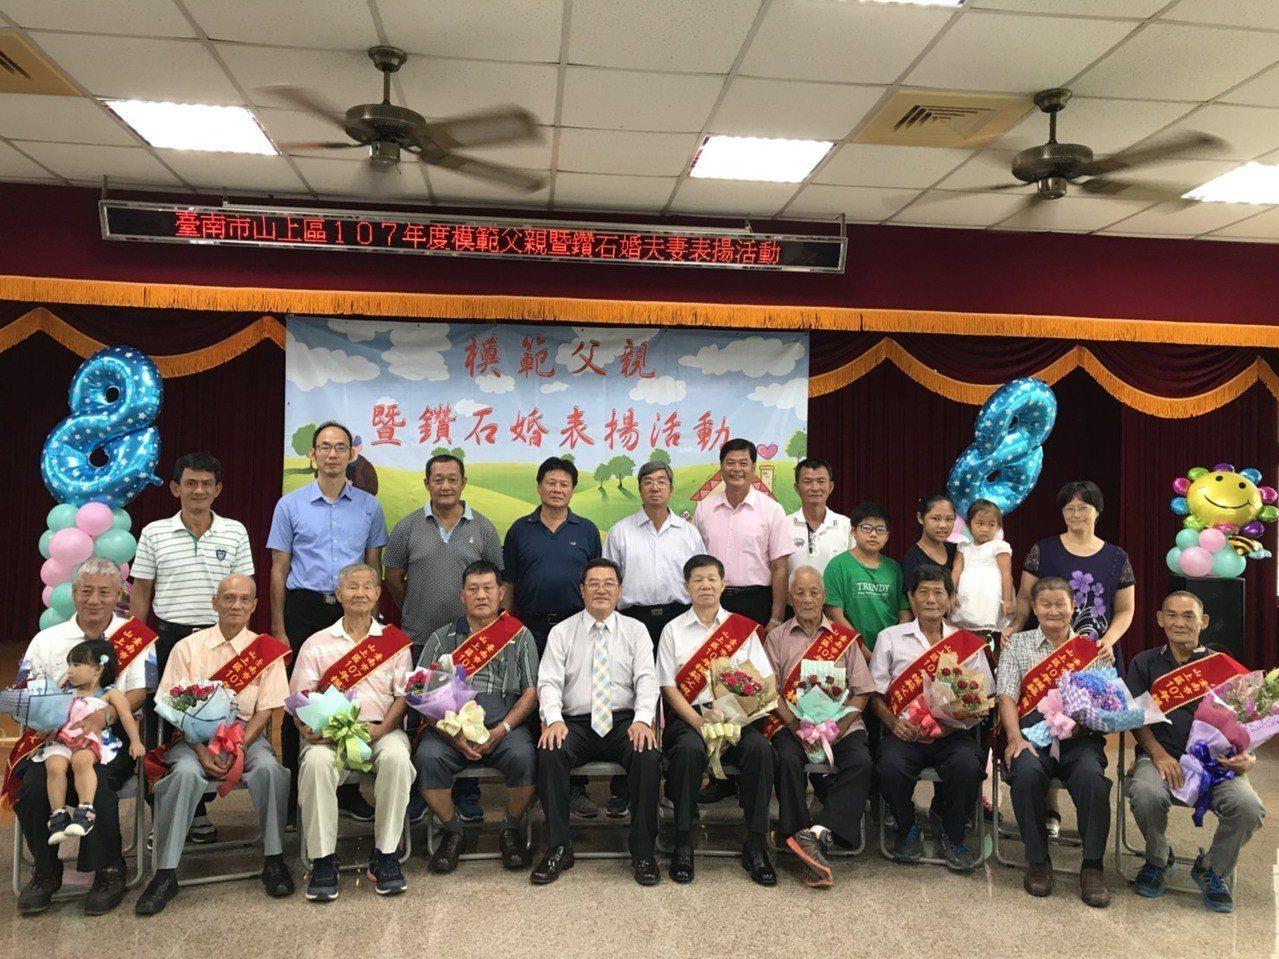 台南山上區公所今天表揚模範父親暨鑽石婚。圖/山上區公所提供